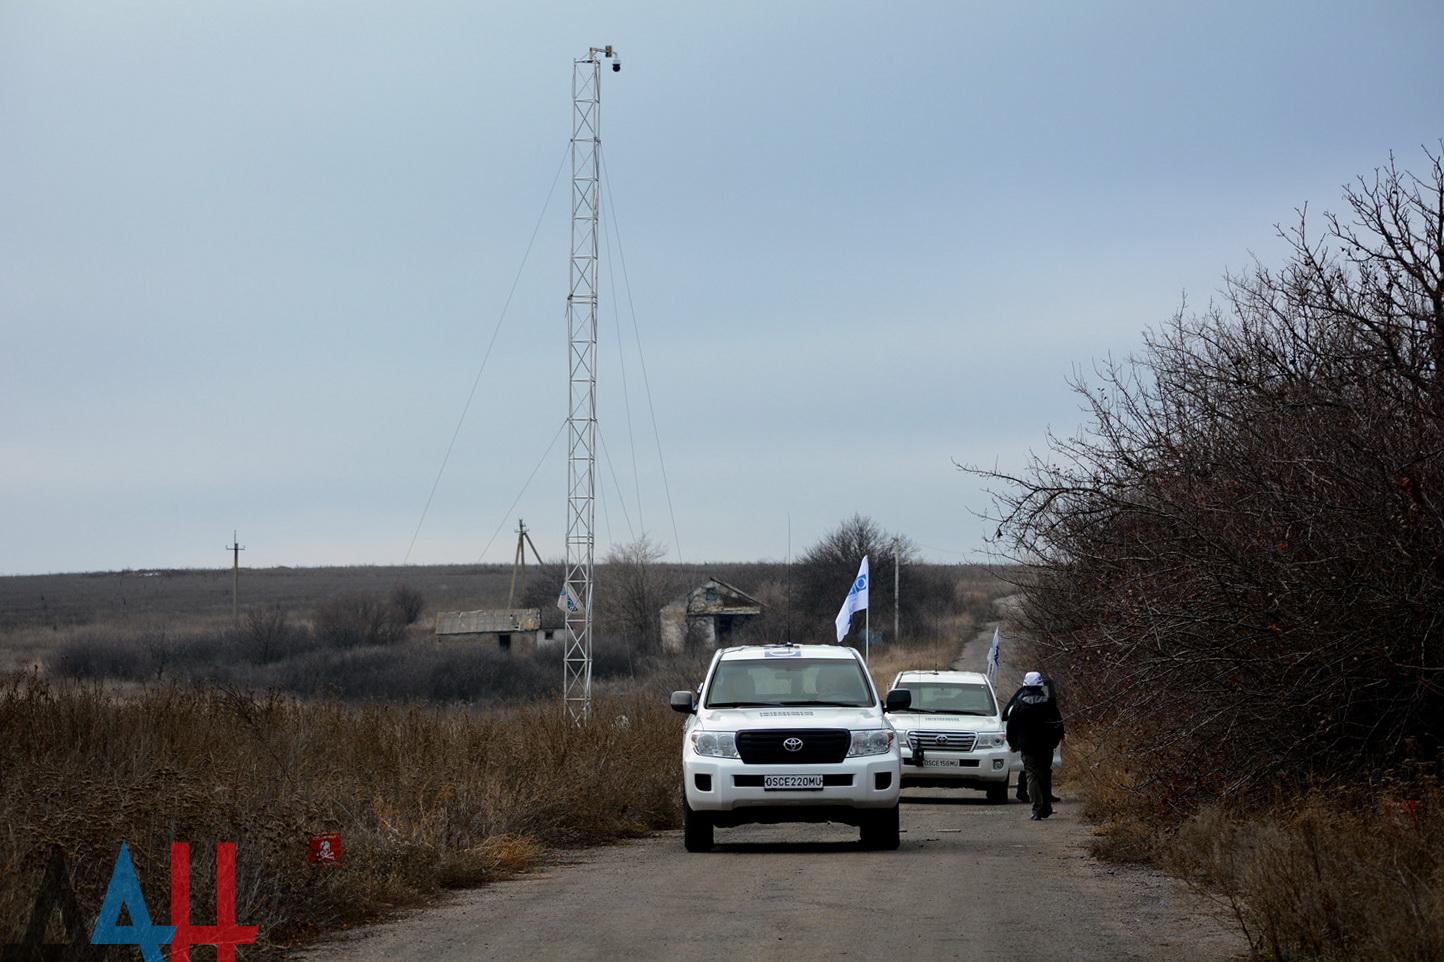 Прогресс наметился в согласовании новых участков для разведения войск в Донбассе – МИД